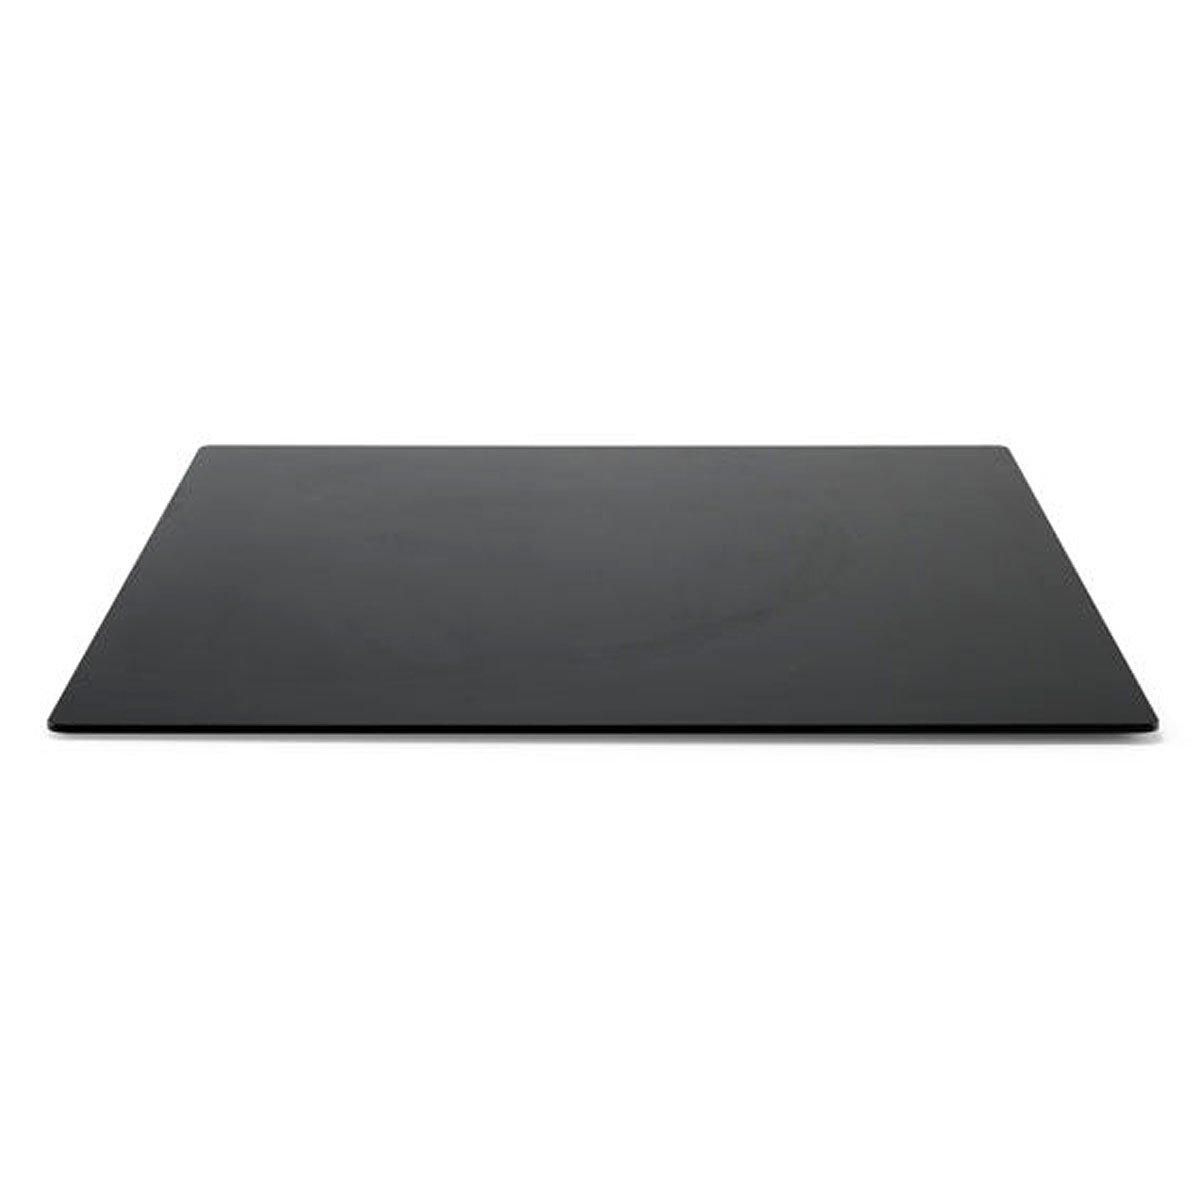 Piano Tavolo Laminato.Piano Tavolo Quadrato In Laminato 59x59cm Spessore 1cm